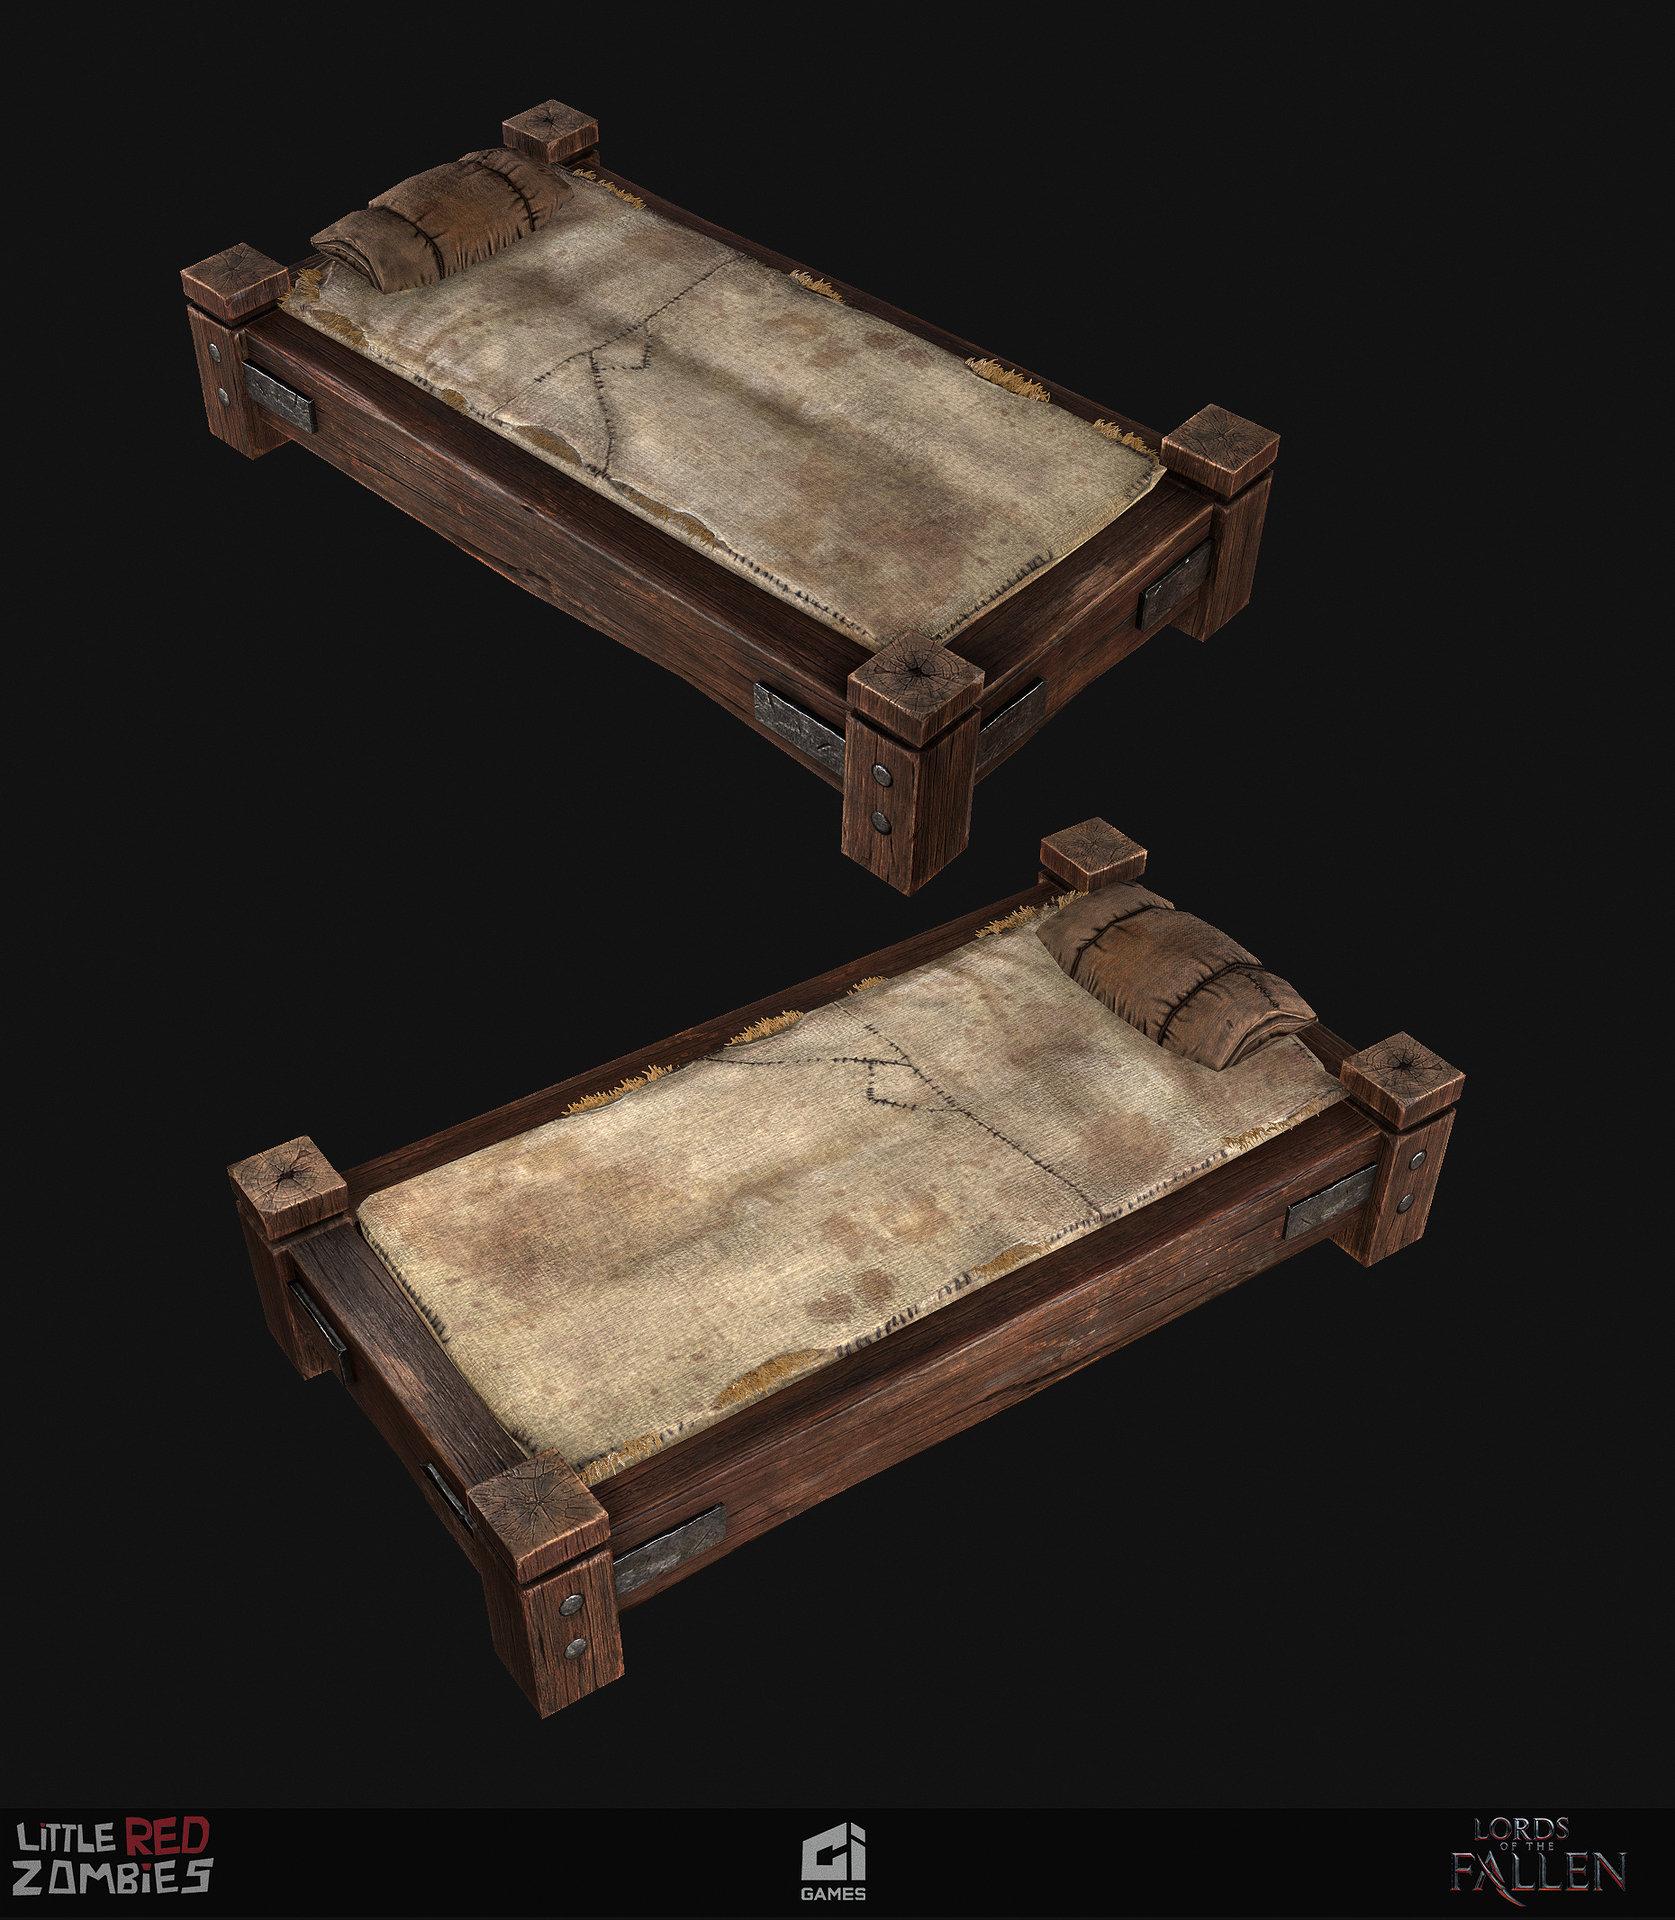 Vimal kerketta bed renders